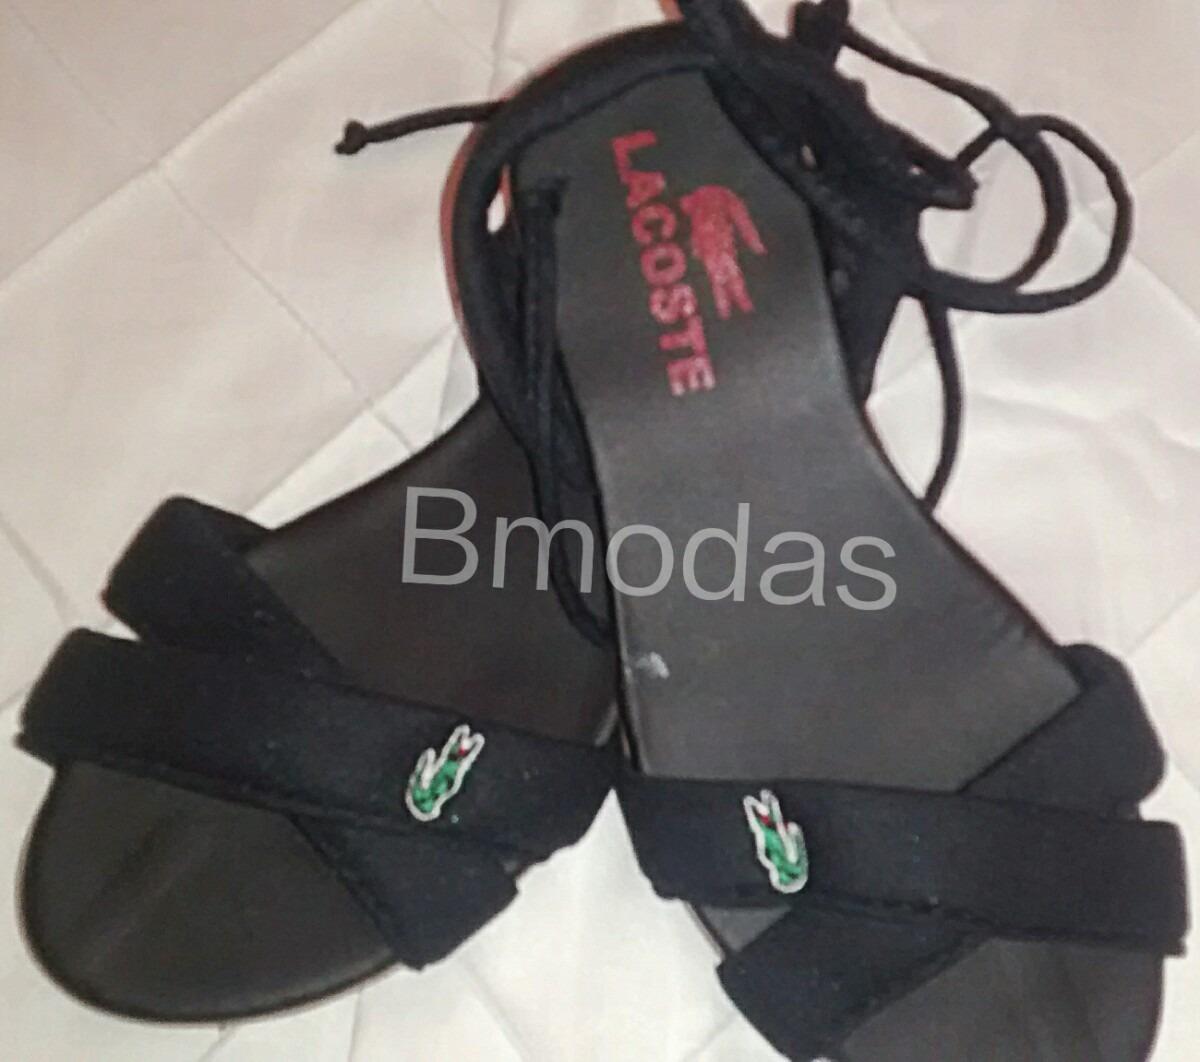 30acbab436f Sandalia Feminina Lacoste - Frete Grátis - Envio Imediato - R  75